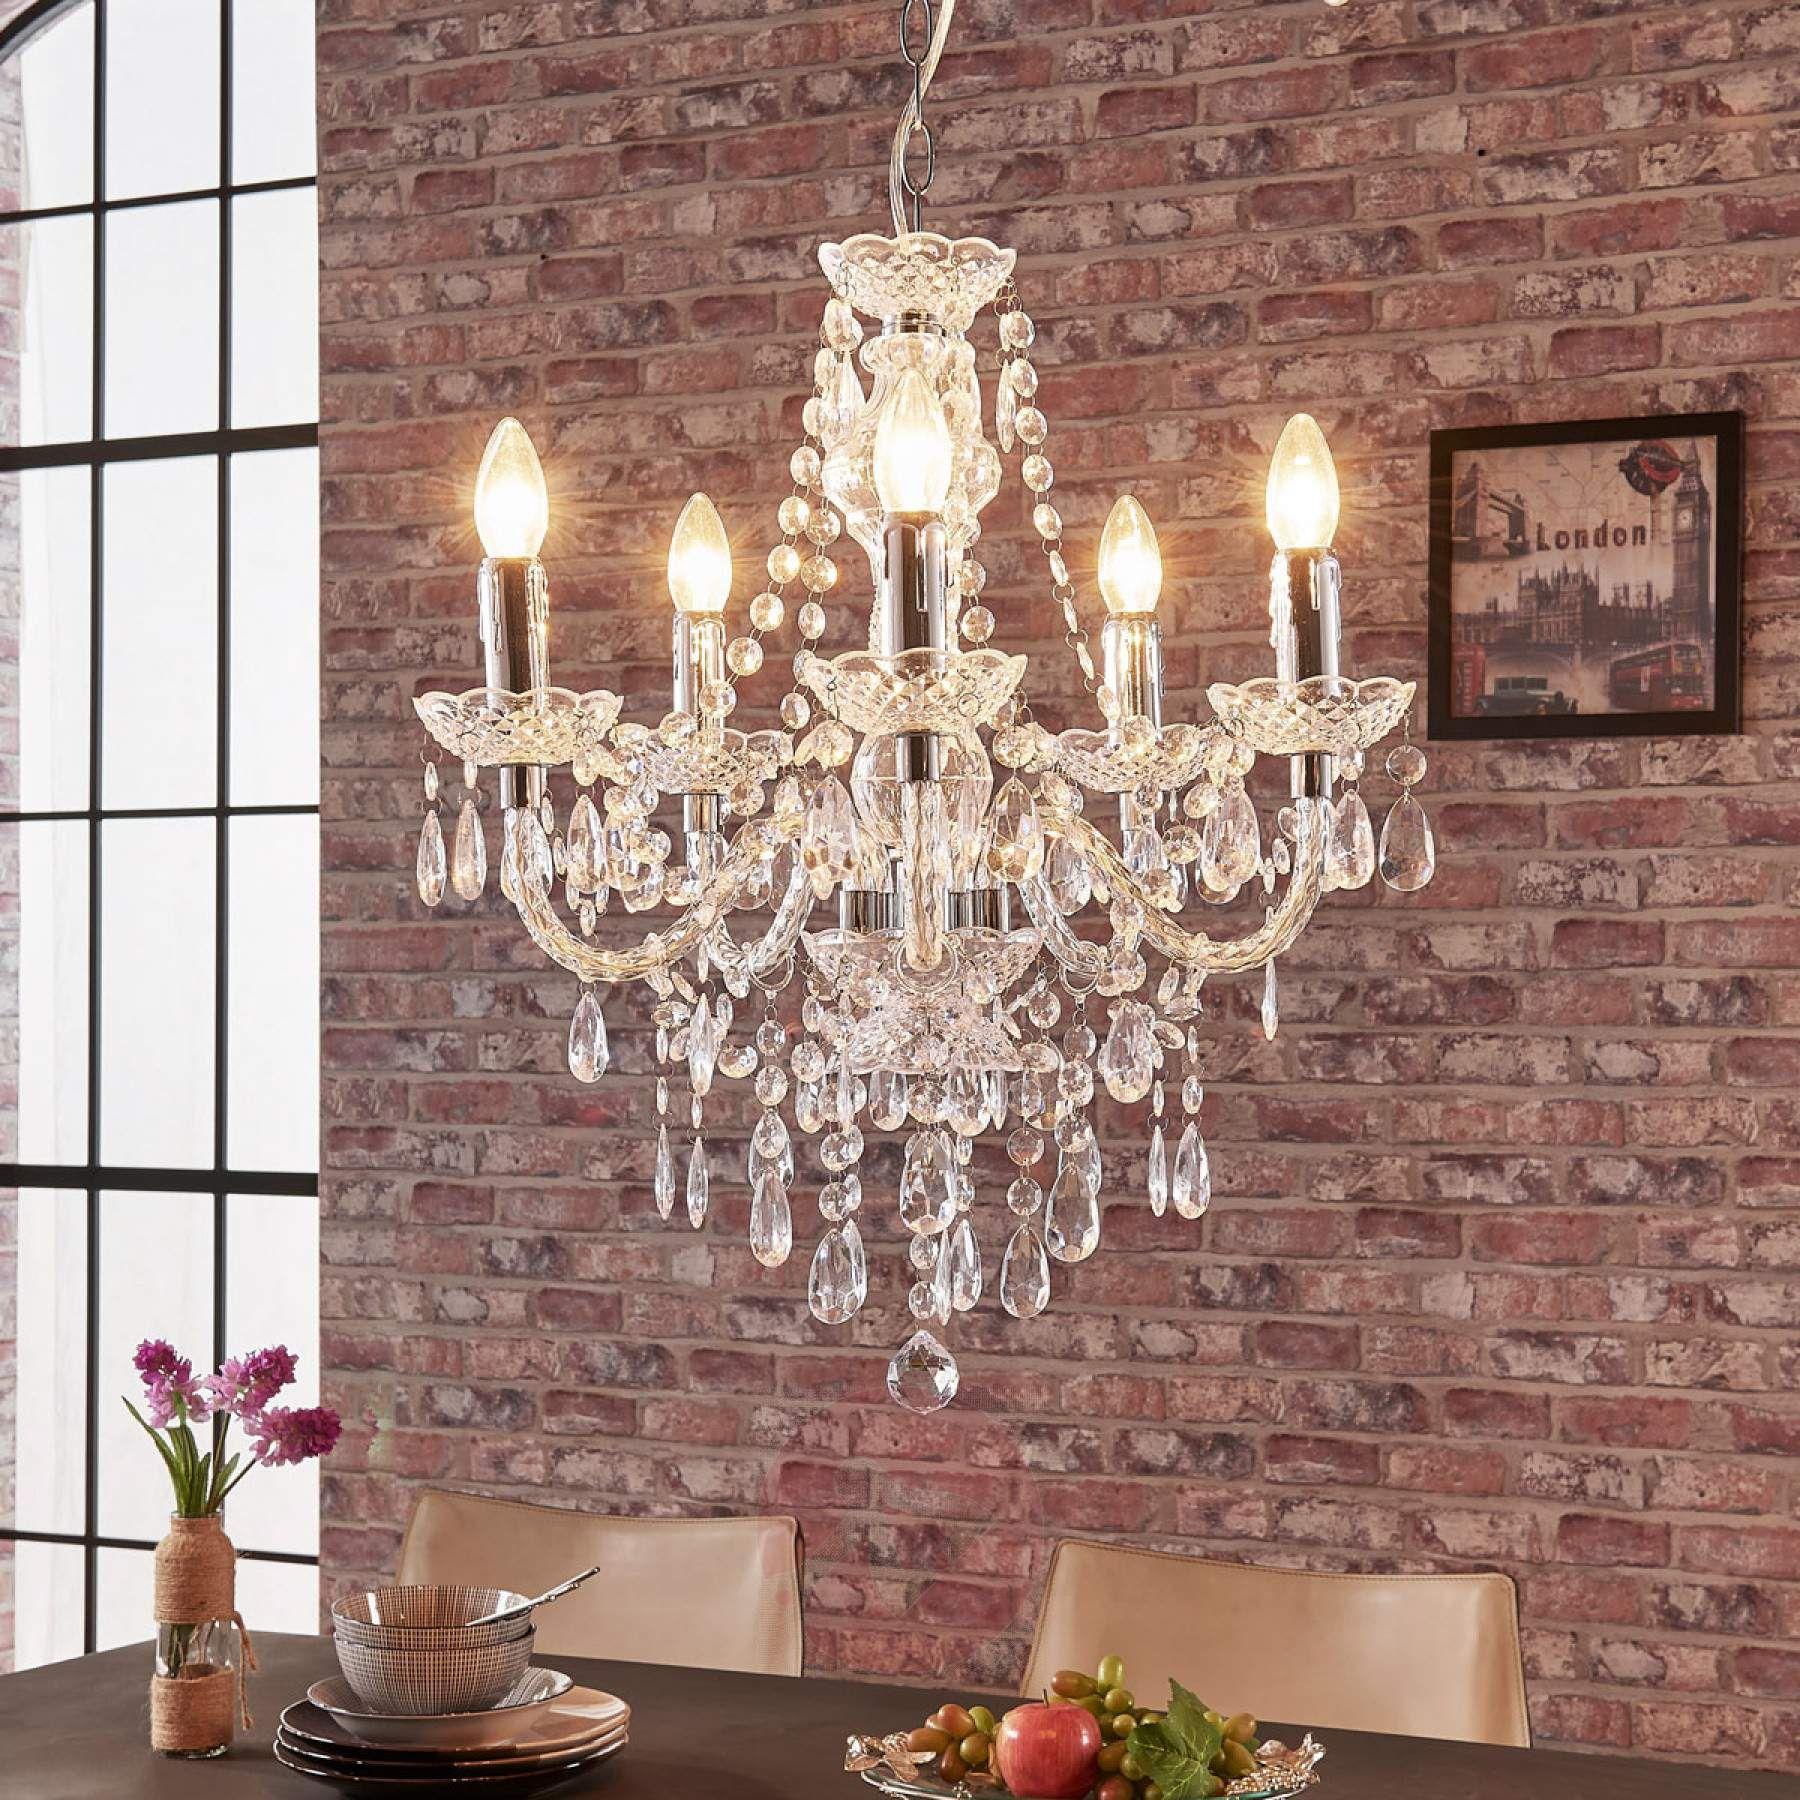 Pin By Lampegiganten Dk On Kuche In 2020 Chandelier Chandelier Lighting Dinning Room Lighting